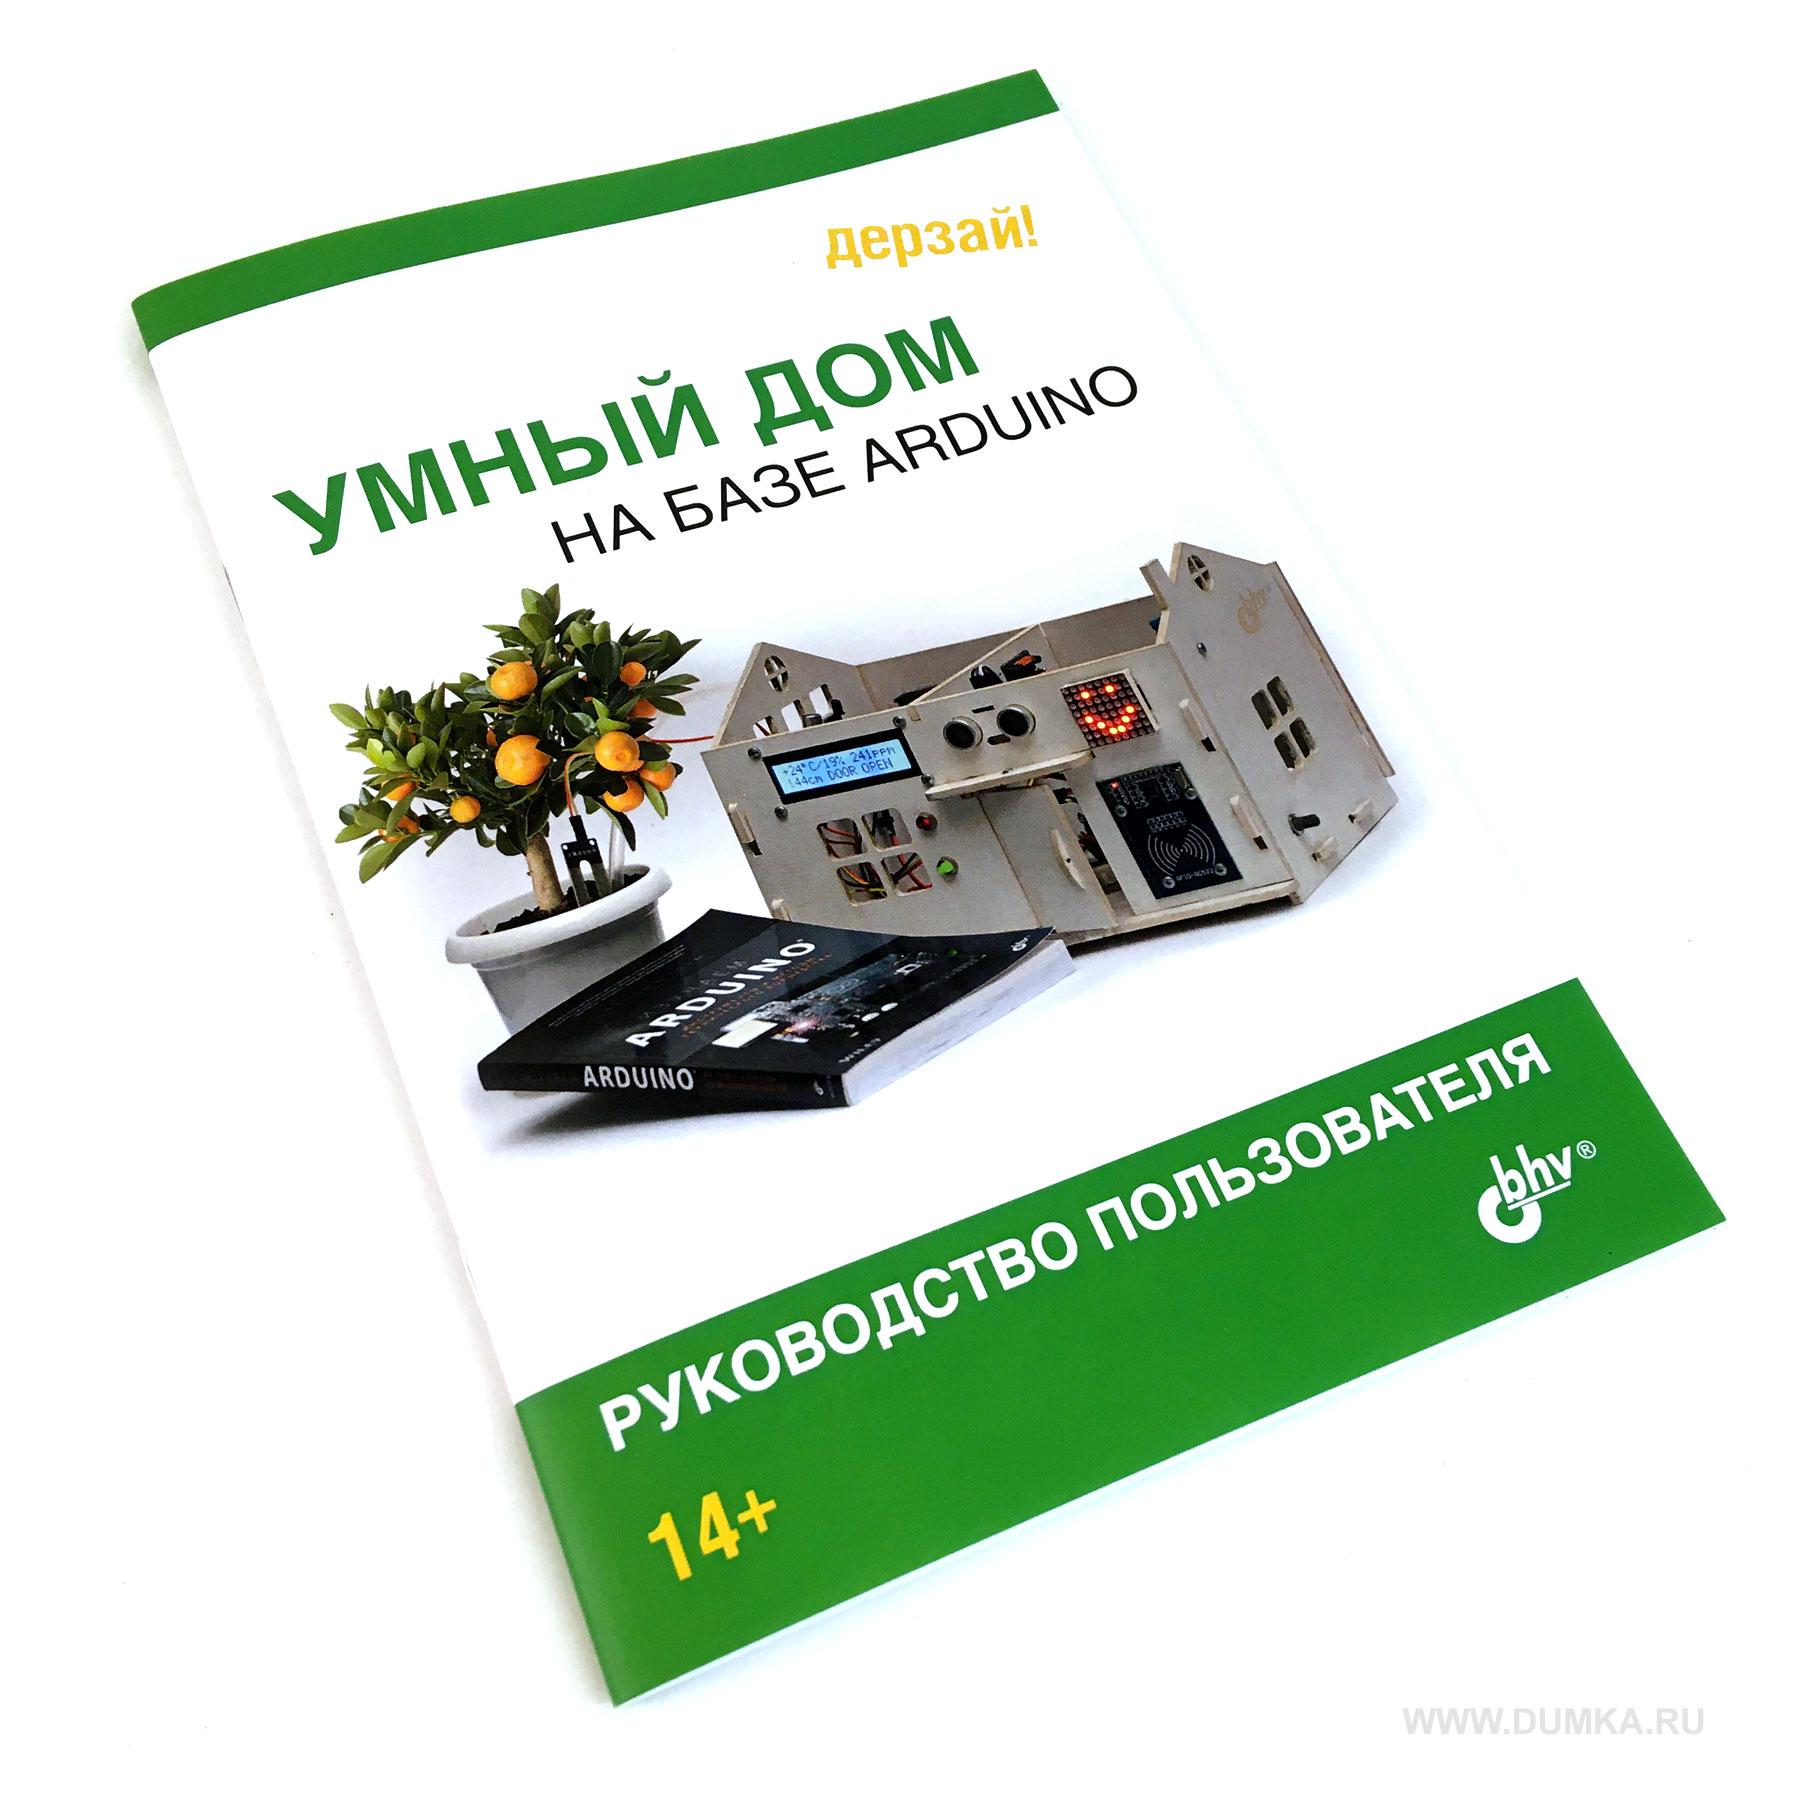 nabor-po-elektronike-umnyi-dom-na-baze-arduino-foto-tdx-978-5-9775-6608-7-20.jpg